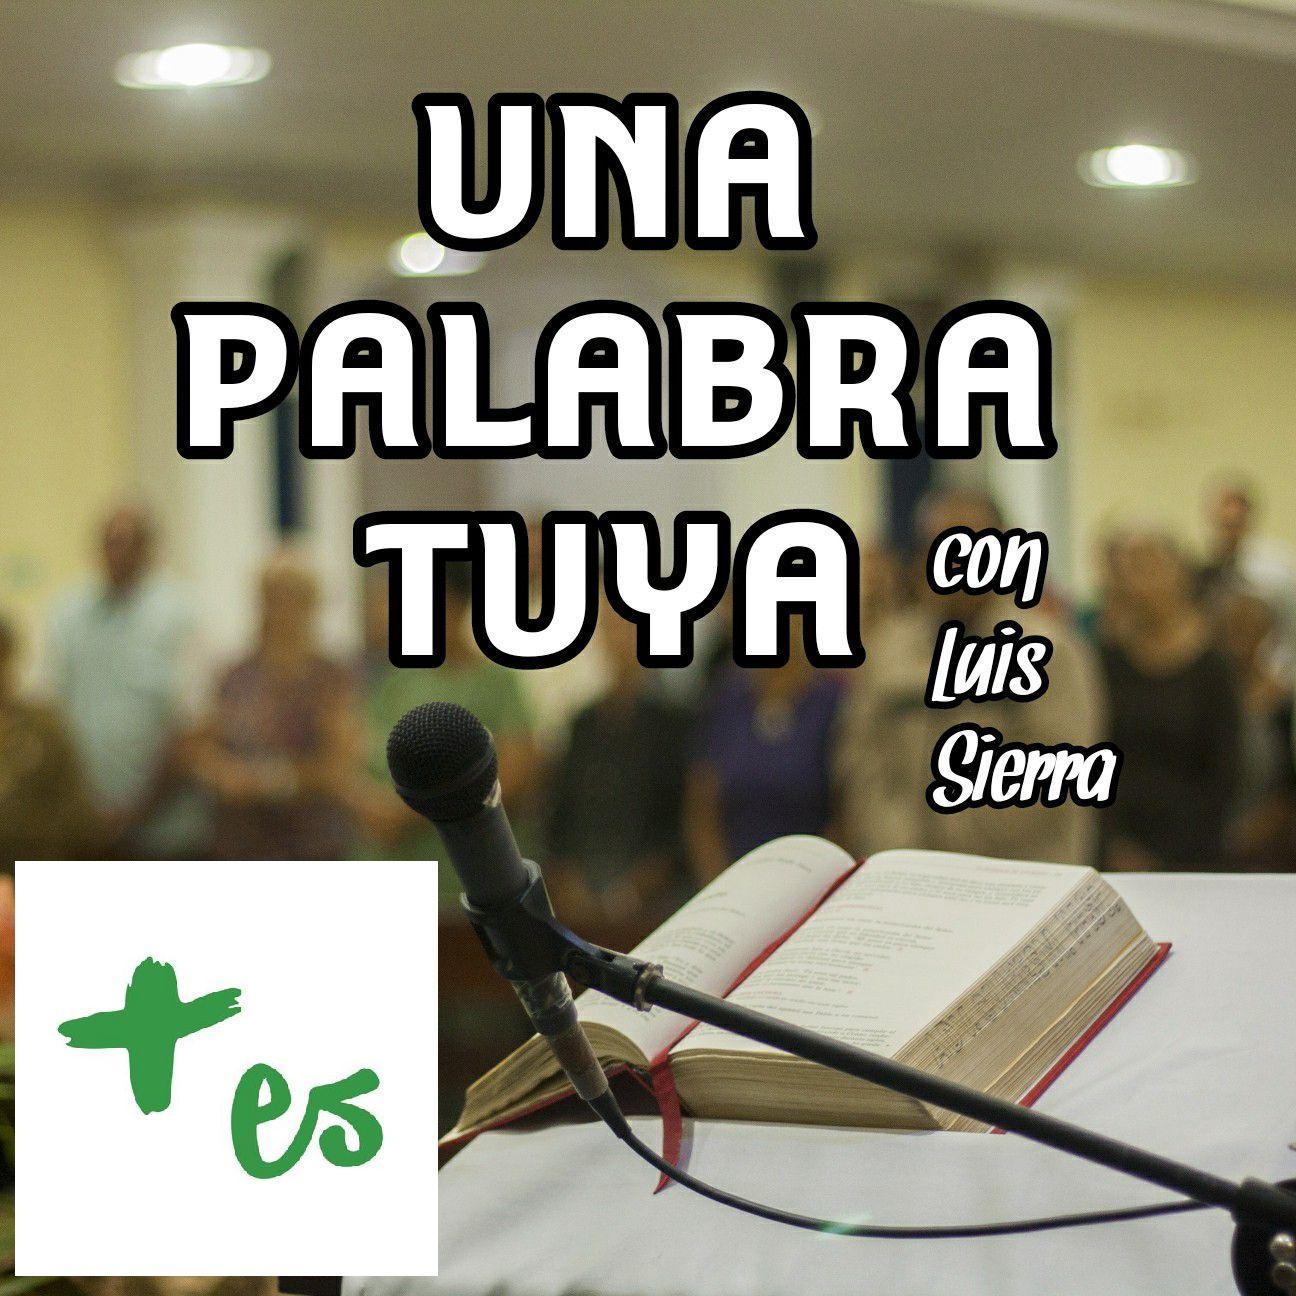 Una Palabra Tuya | 4 FEB 2019